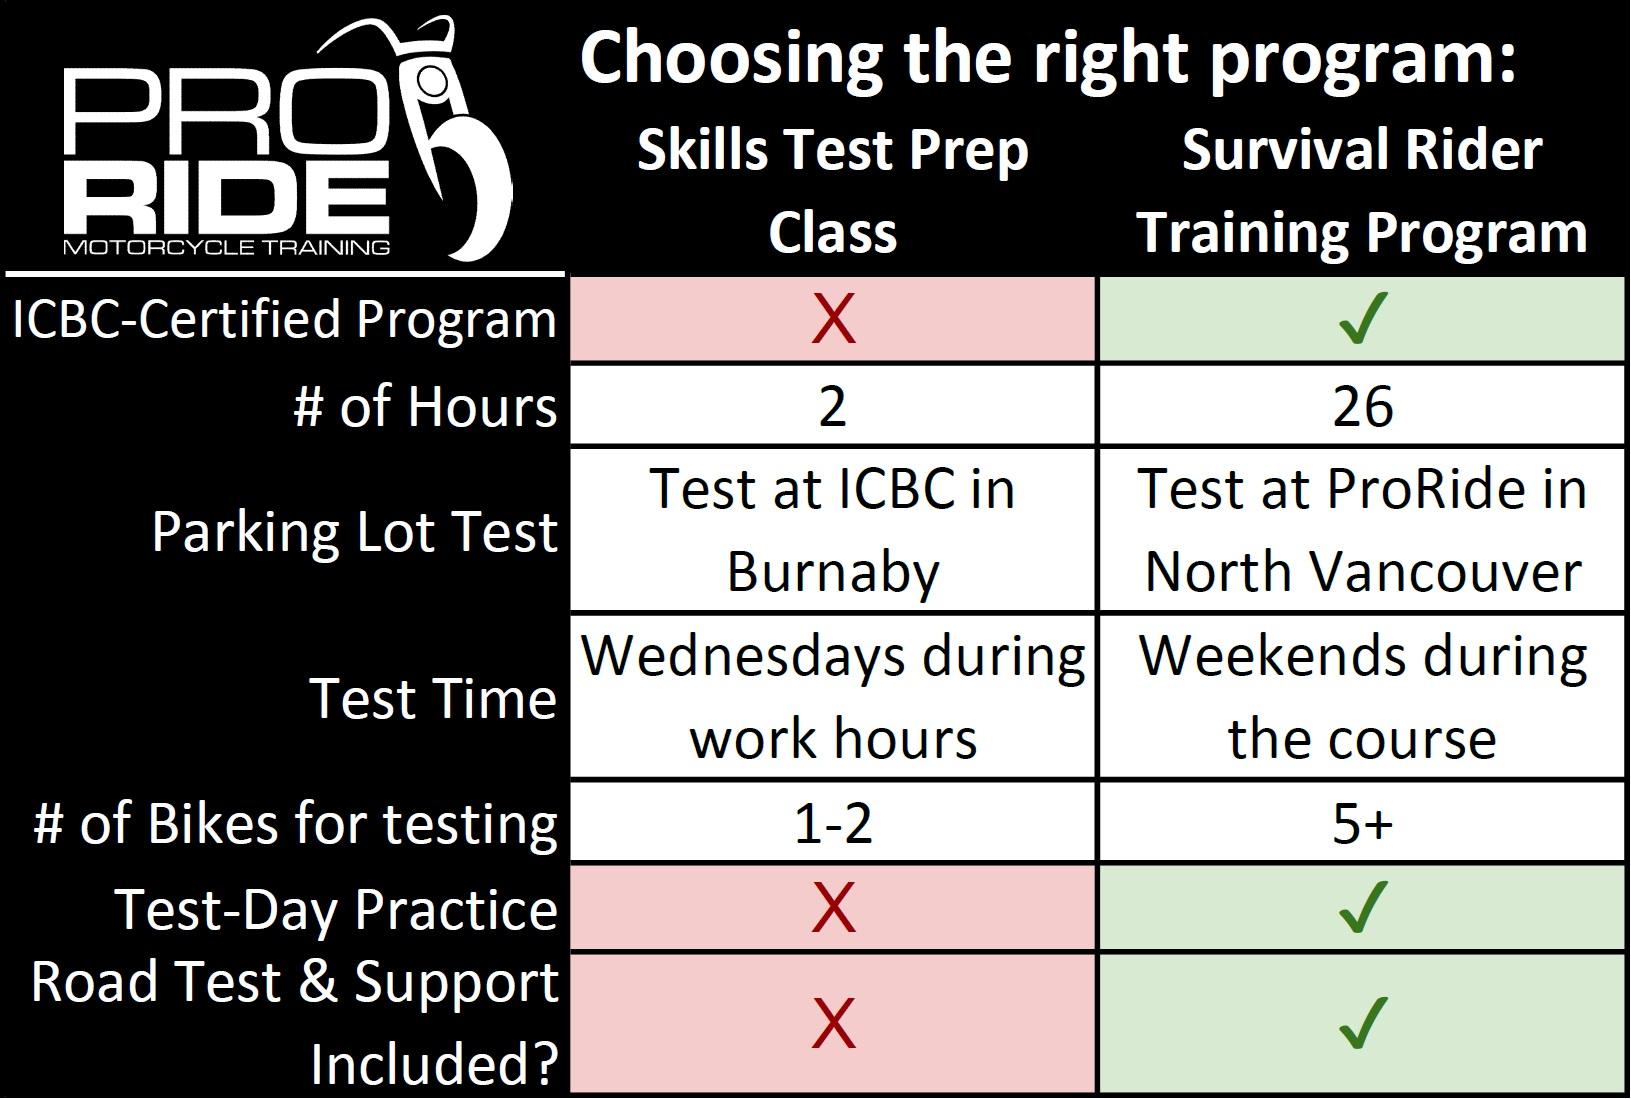 ProRide Course Comparison